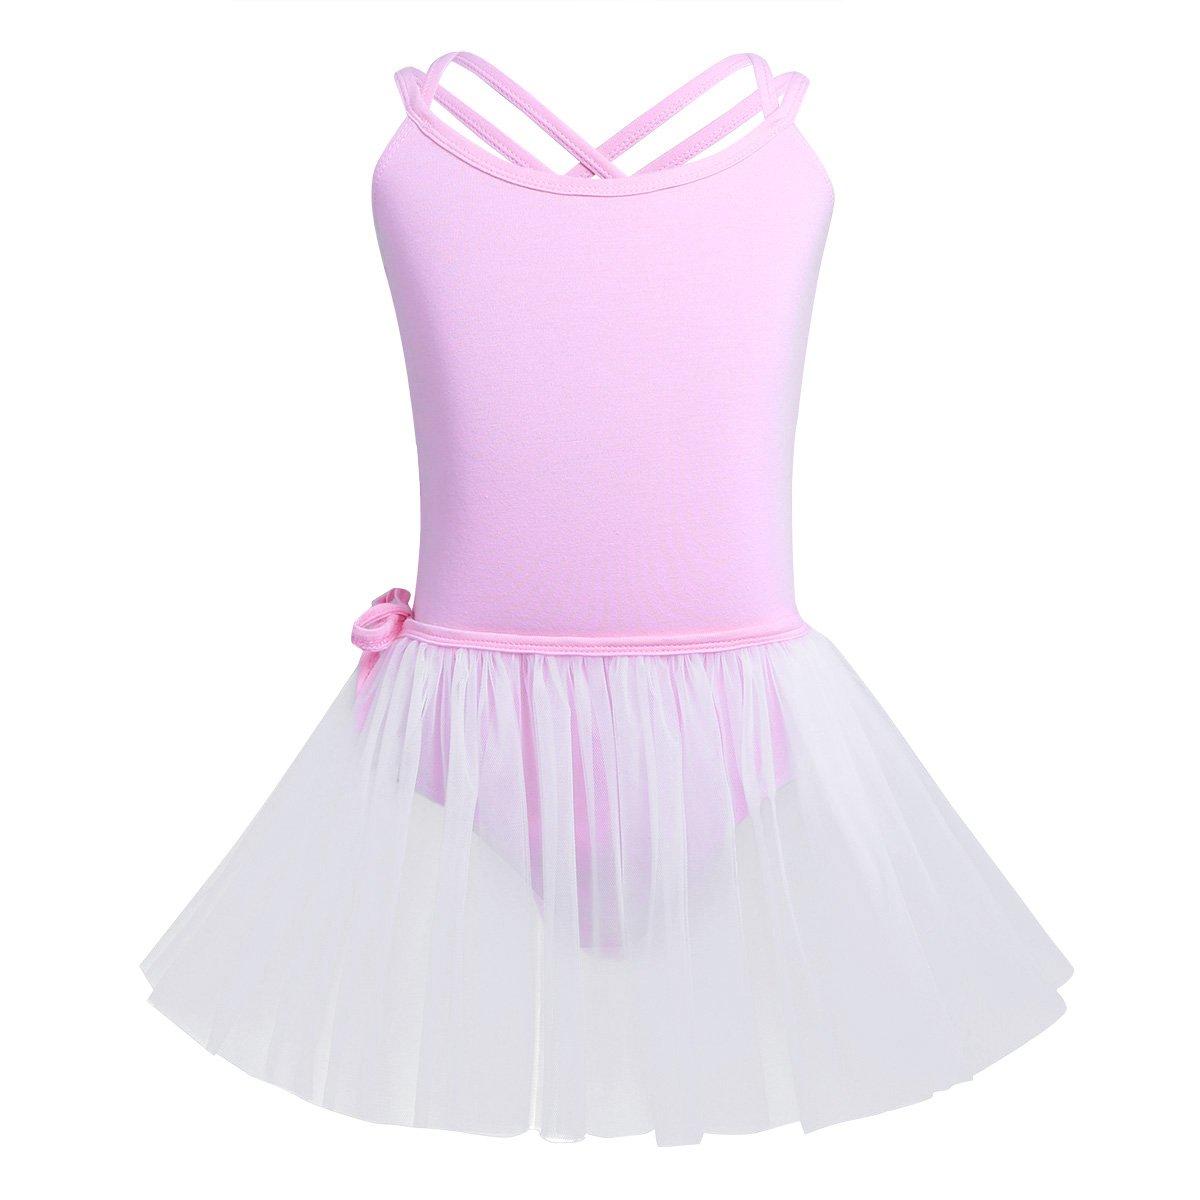 iEFiEL Kinder Ballettanzug mit Mesh Ballett Wickelrock Ballett Trikot Tütü Ballettkleidung Set Gymnastikanzug